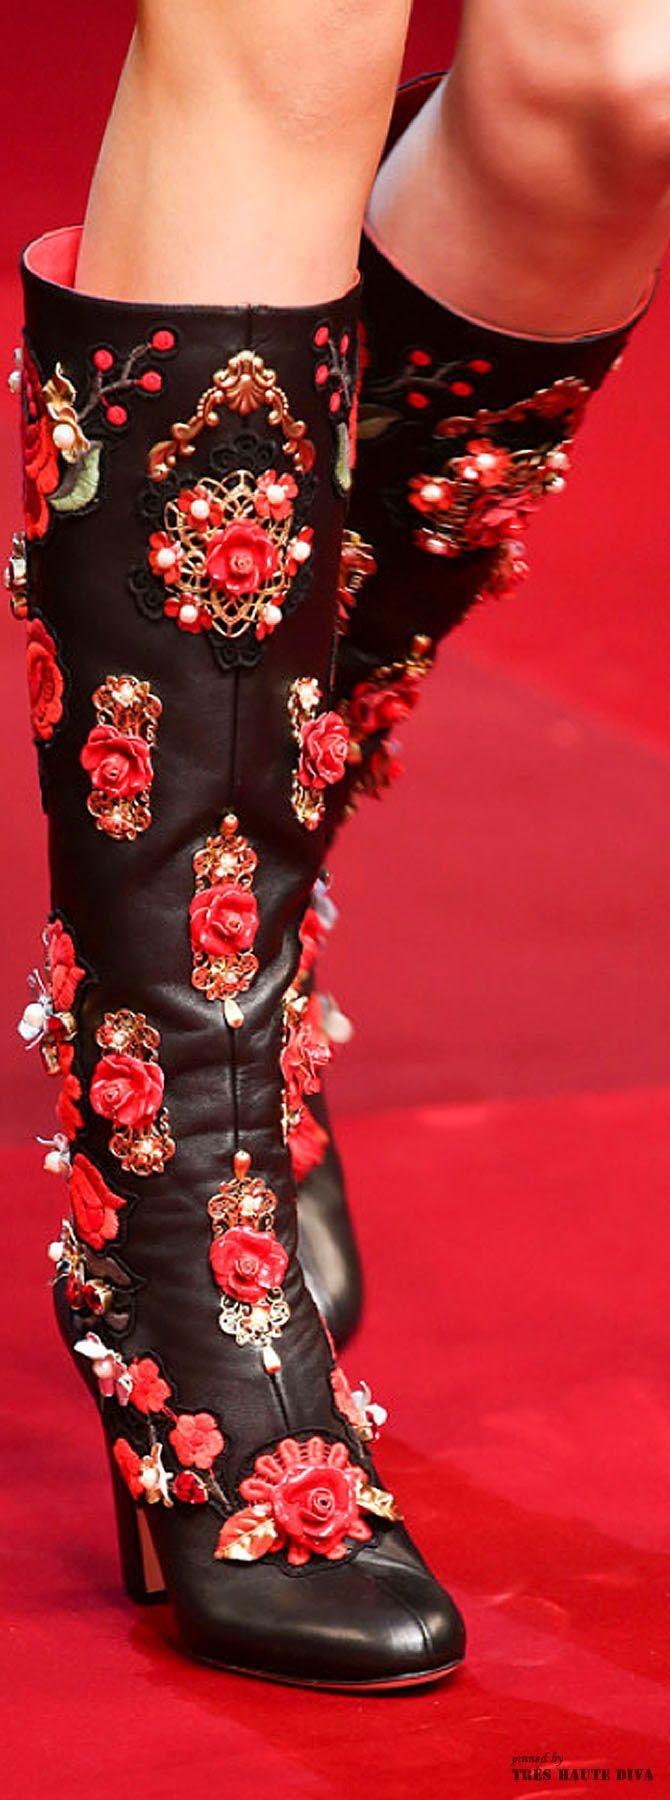 Tendance Chaussures   Dolce & Gabbana SS 2015  detail